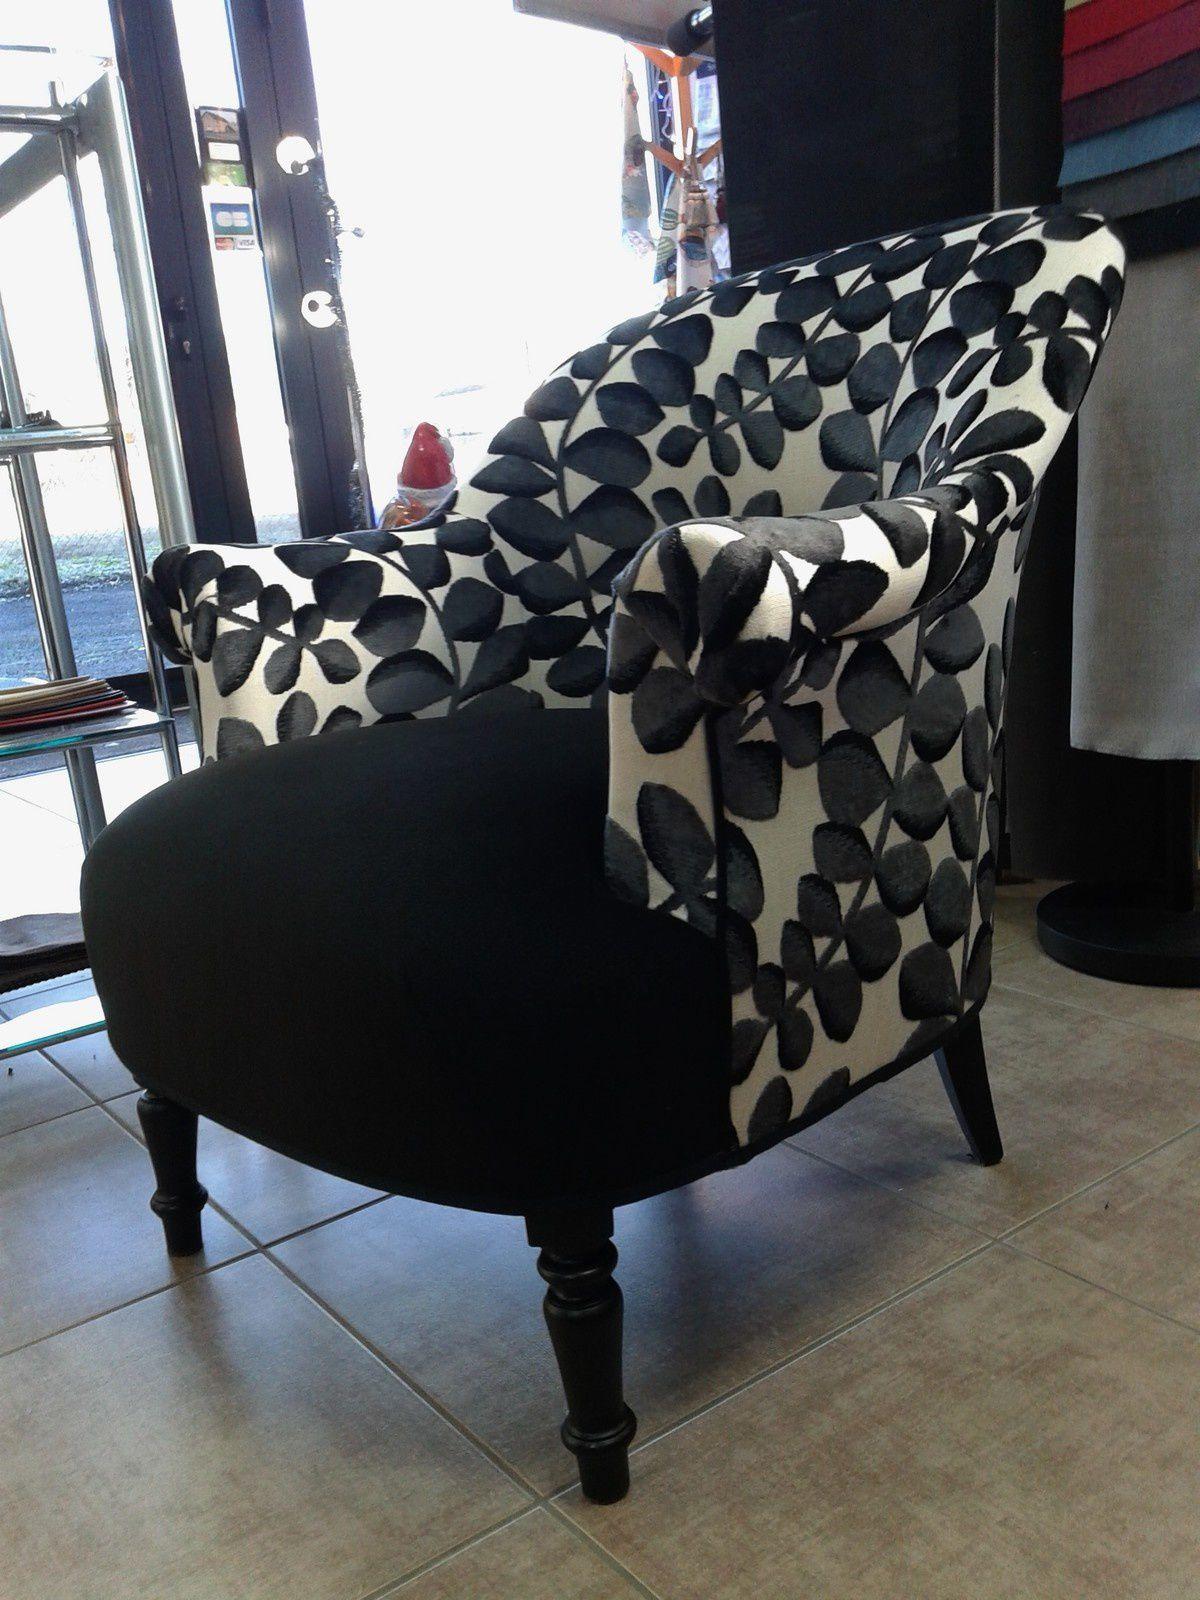 réfection de fauteuil ARABESQUE THIERS tapissier décorateur